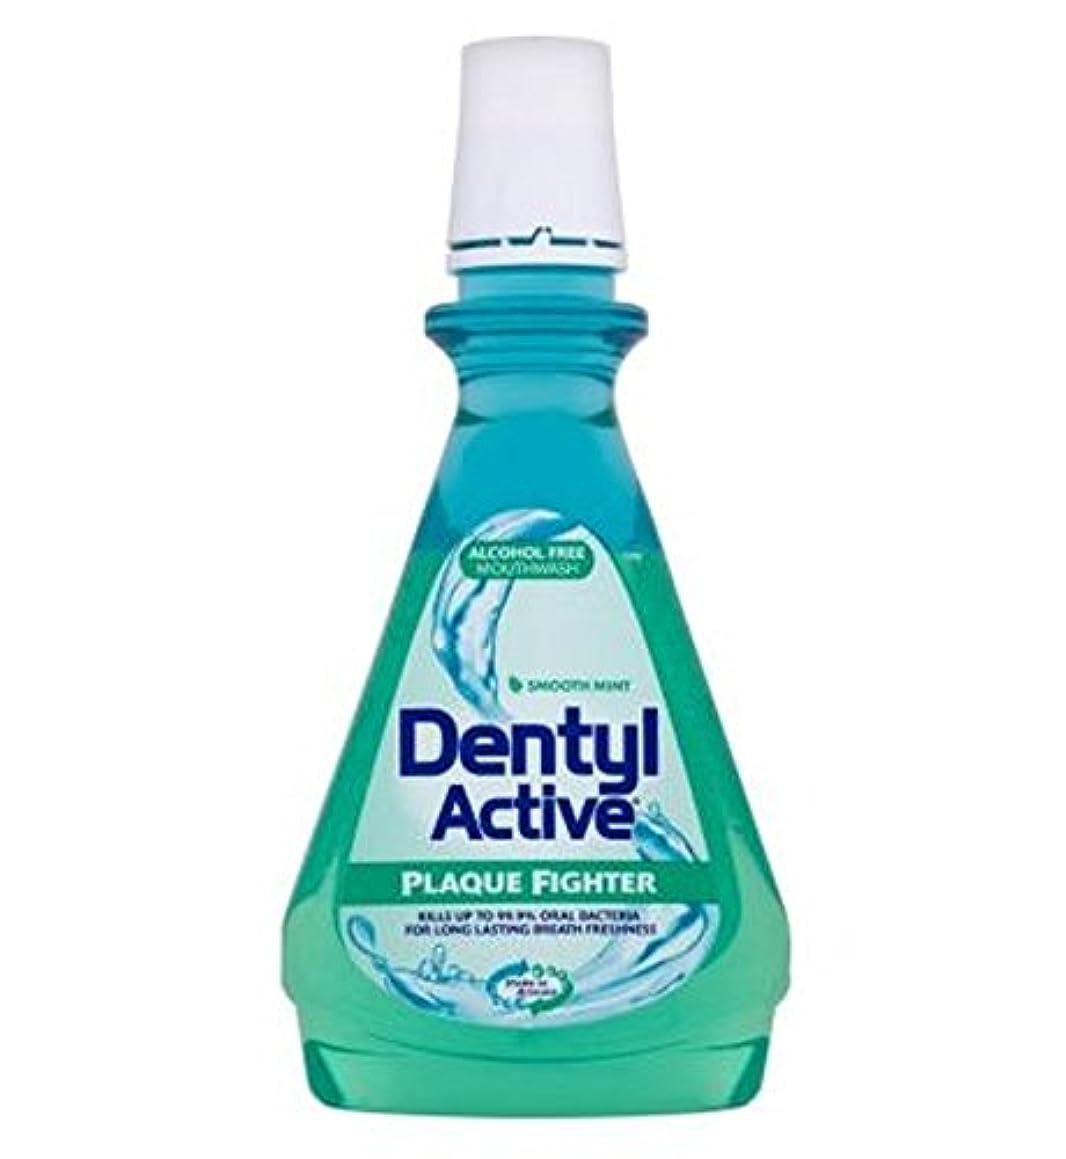 Dentyl Active Smooth Mint Mouthwash 500ml - Dentylアクティブな滑らかなミントマウスウォッシュ500ミリリットル (Dentyl) [並行輸入品]